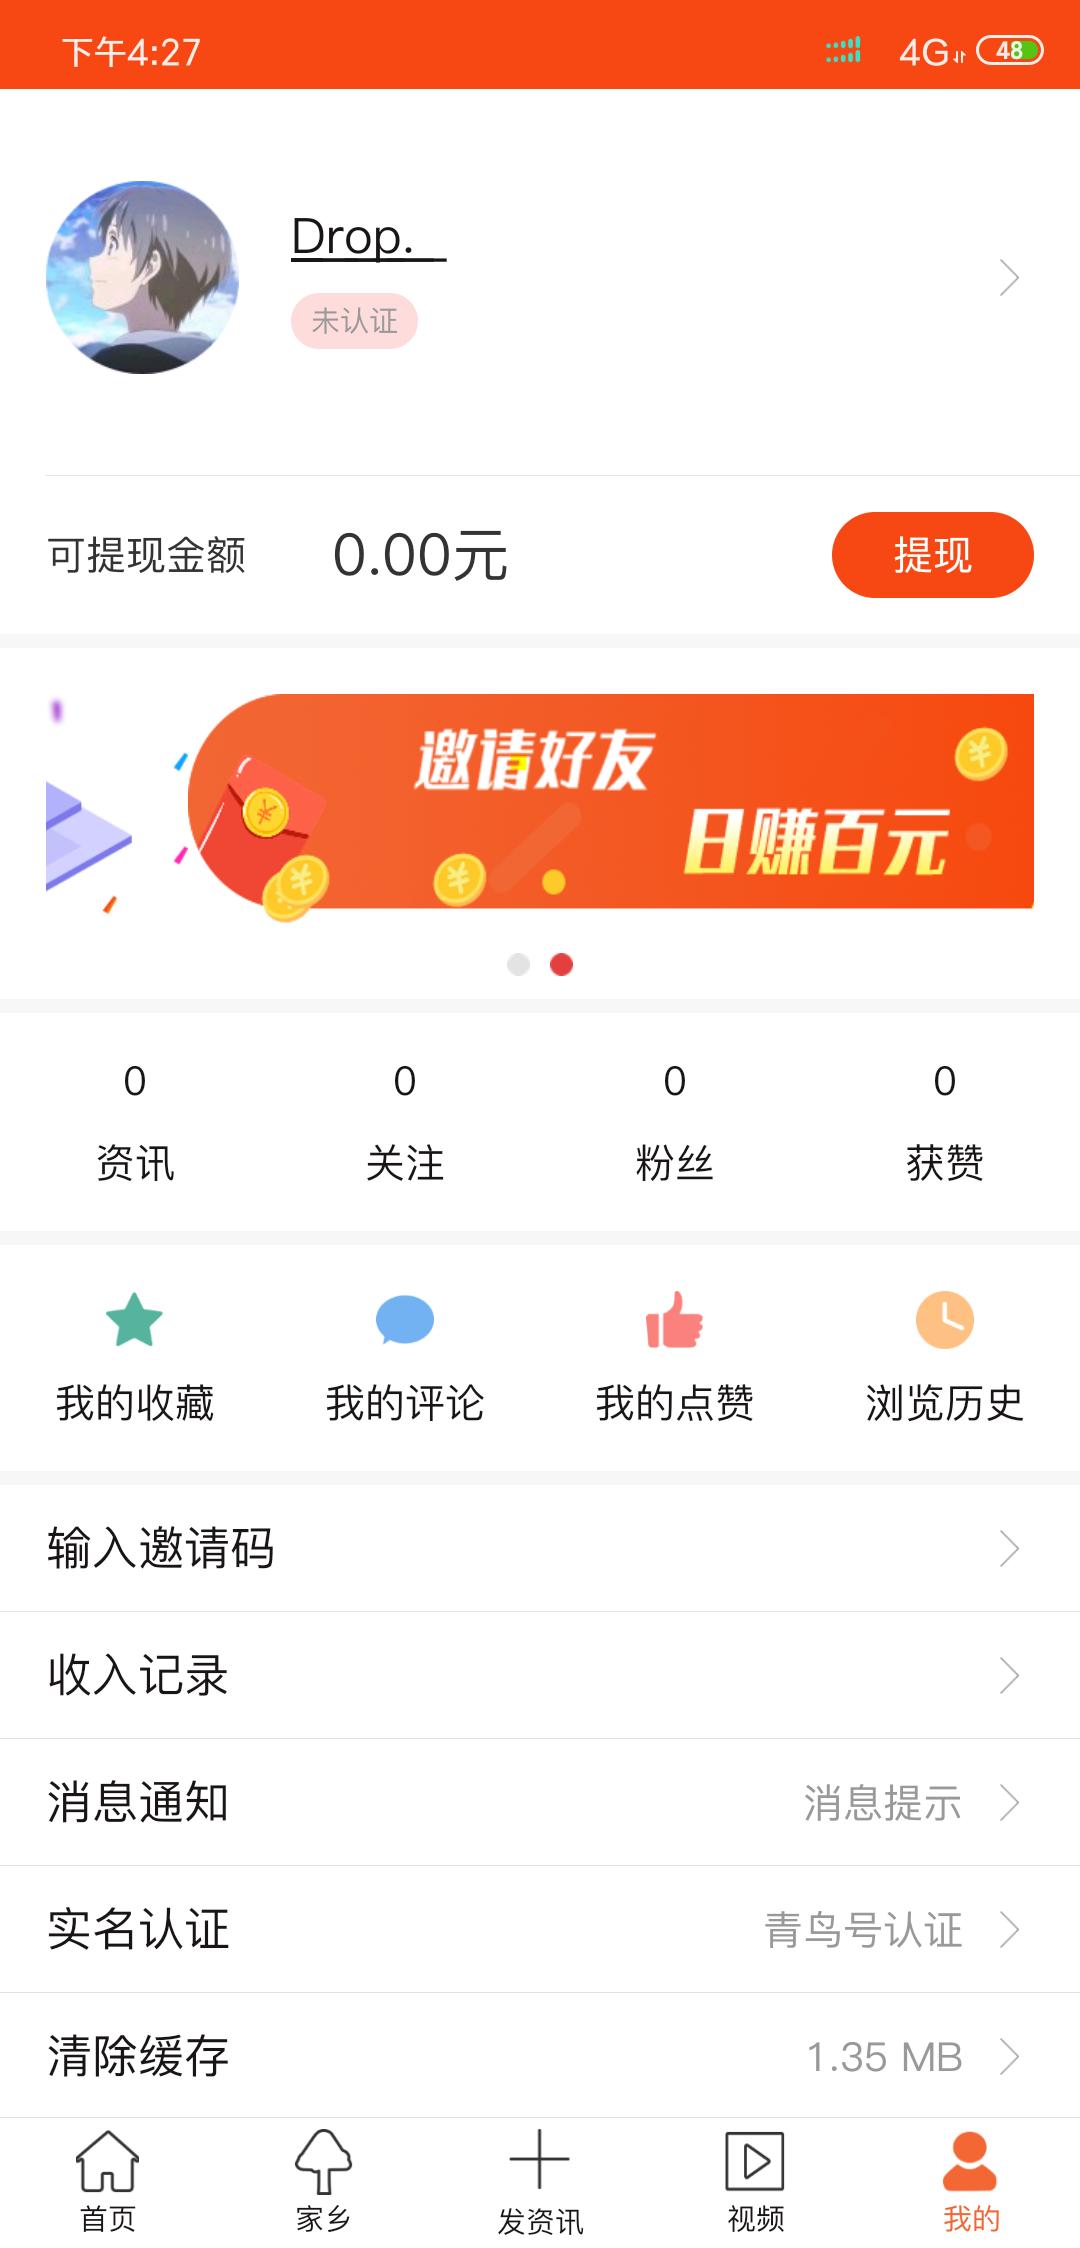 【现金红包】青鸟快讯APP下载登陆送1元微信红包可直接提现 推零-100tui.cn